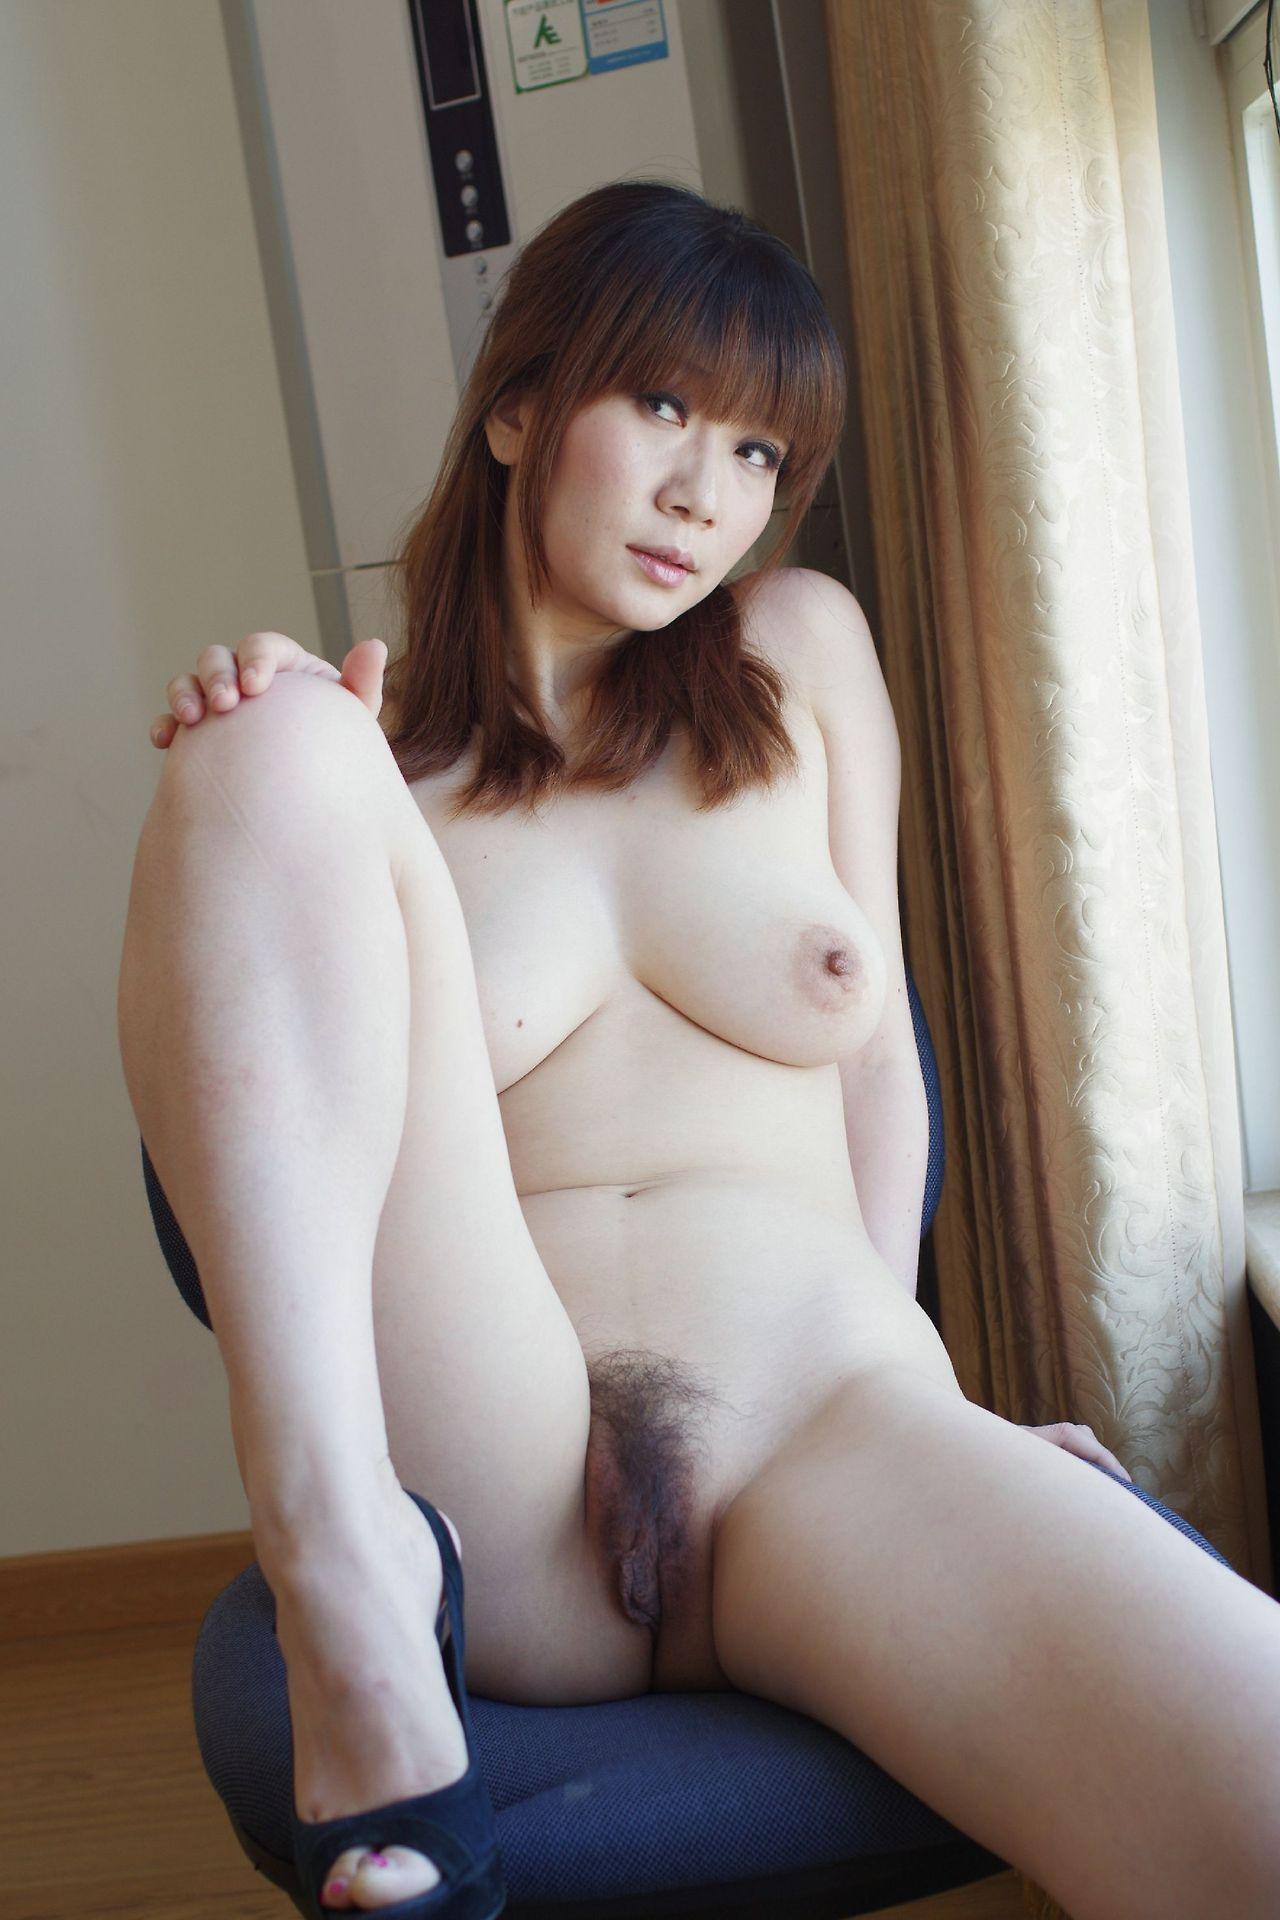 nu asiatiques sexe joufflu Latina lesbienne porno